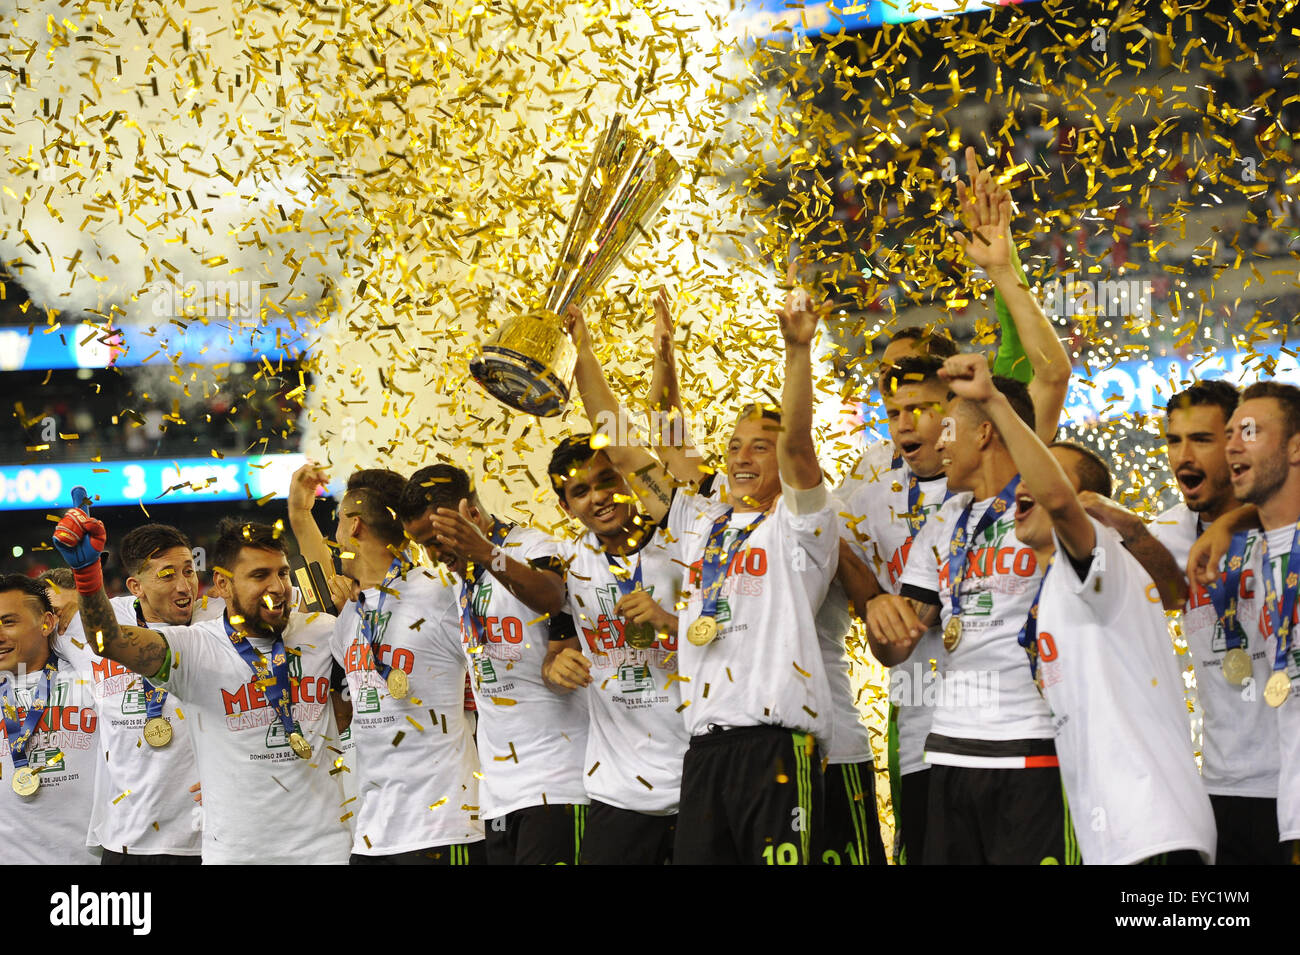 Filadelfia, Pensilvania, Estados Unidos. 26 de julio de 2015. Team México celebra su Copa de Oro CONCACAF 2015 Imagen De Stock